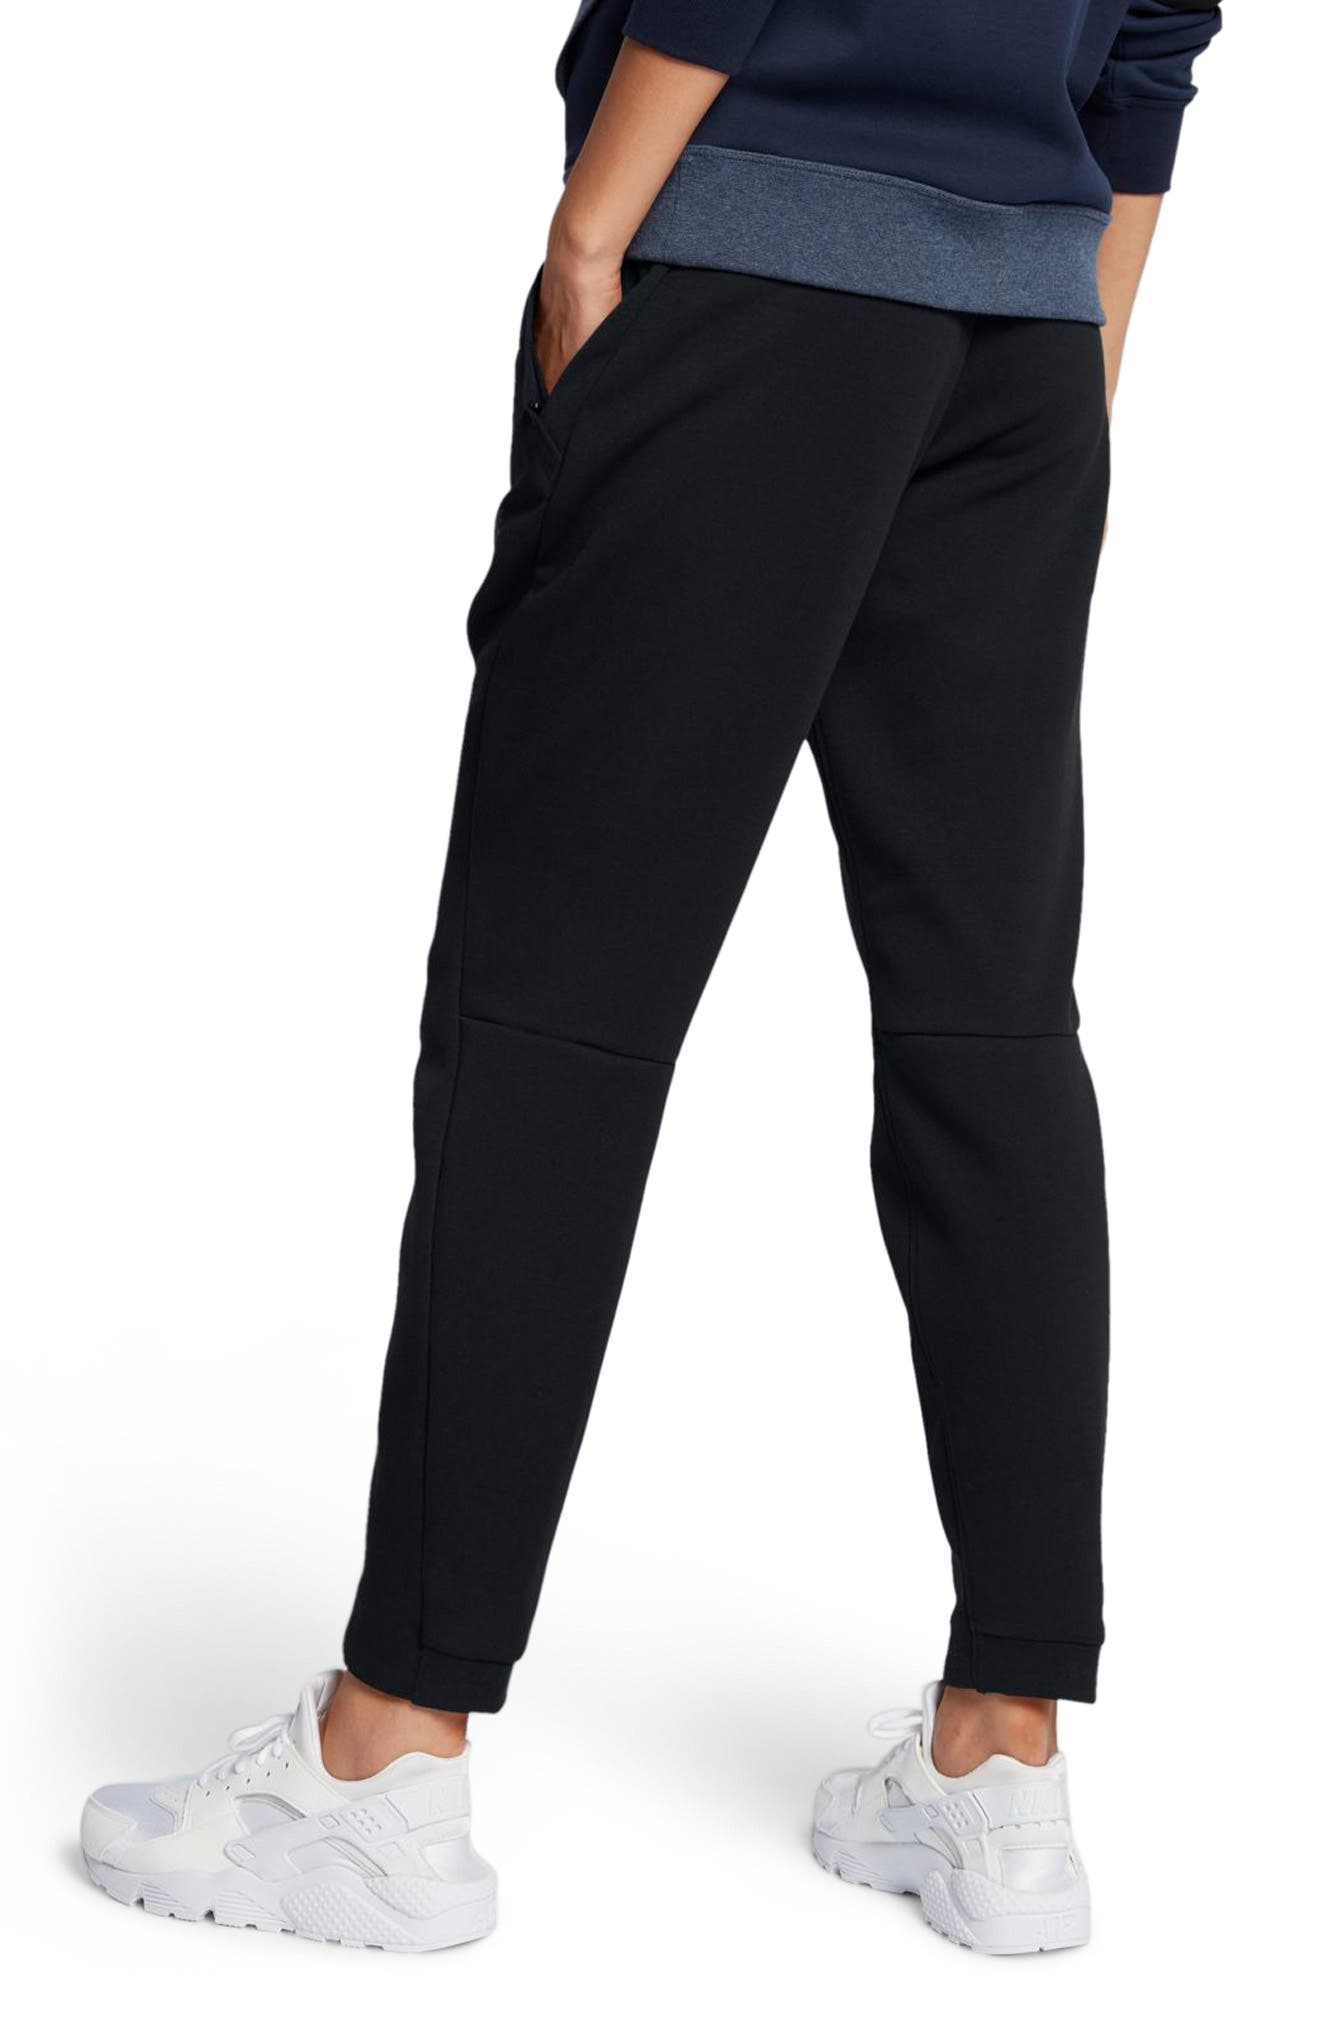 Sportswear Women's Tech Fleece Pants,                             Alternate thumbnail 2, color,                             010